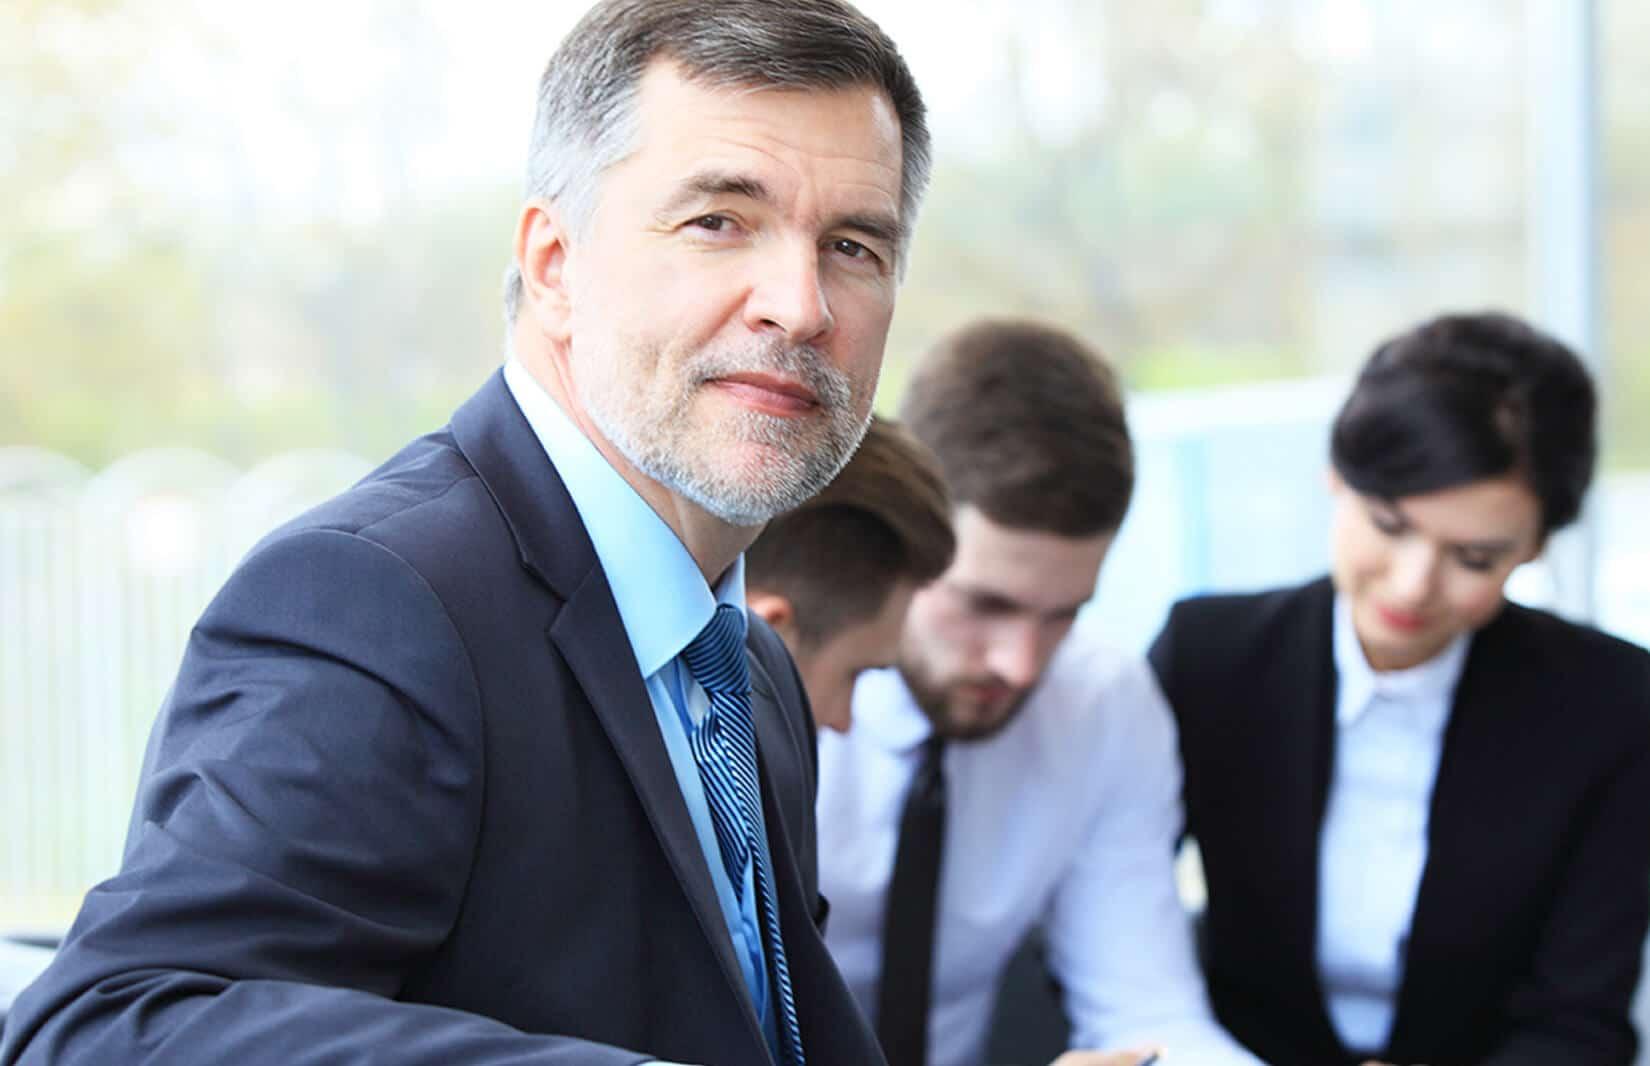 FLP Business Succession Help